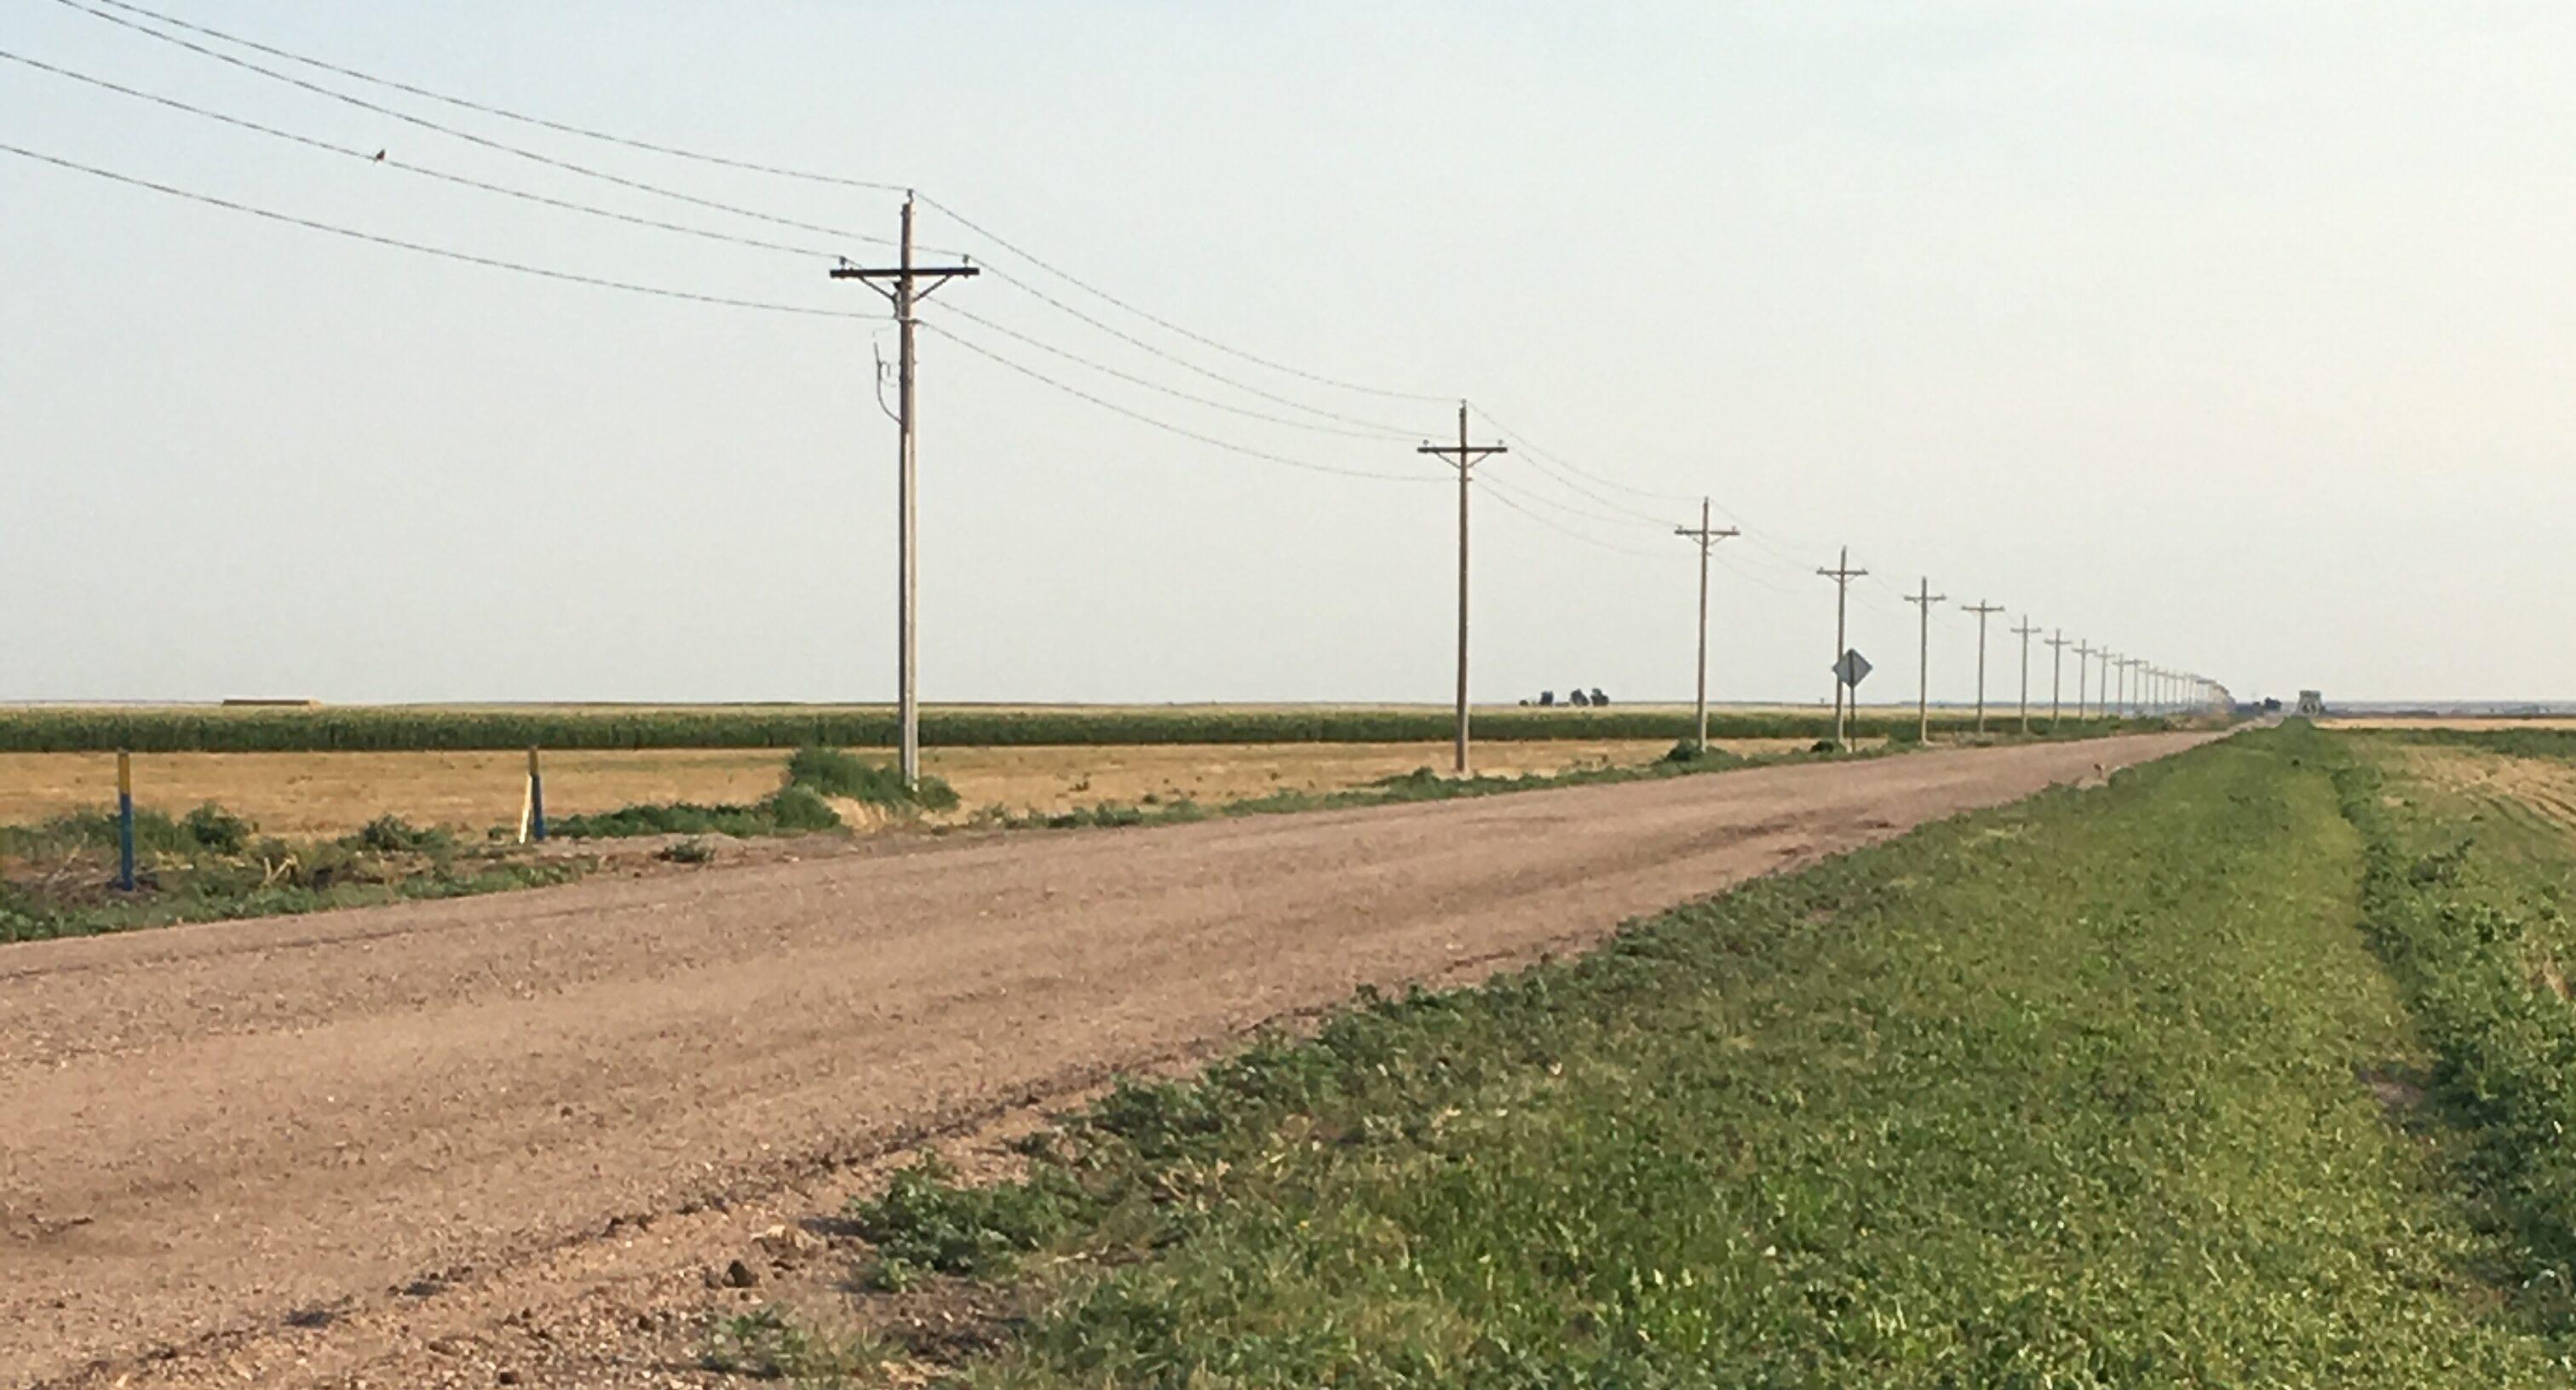 Rural Southwestern Kansas countryside